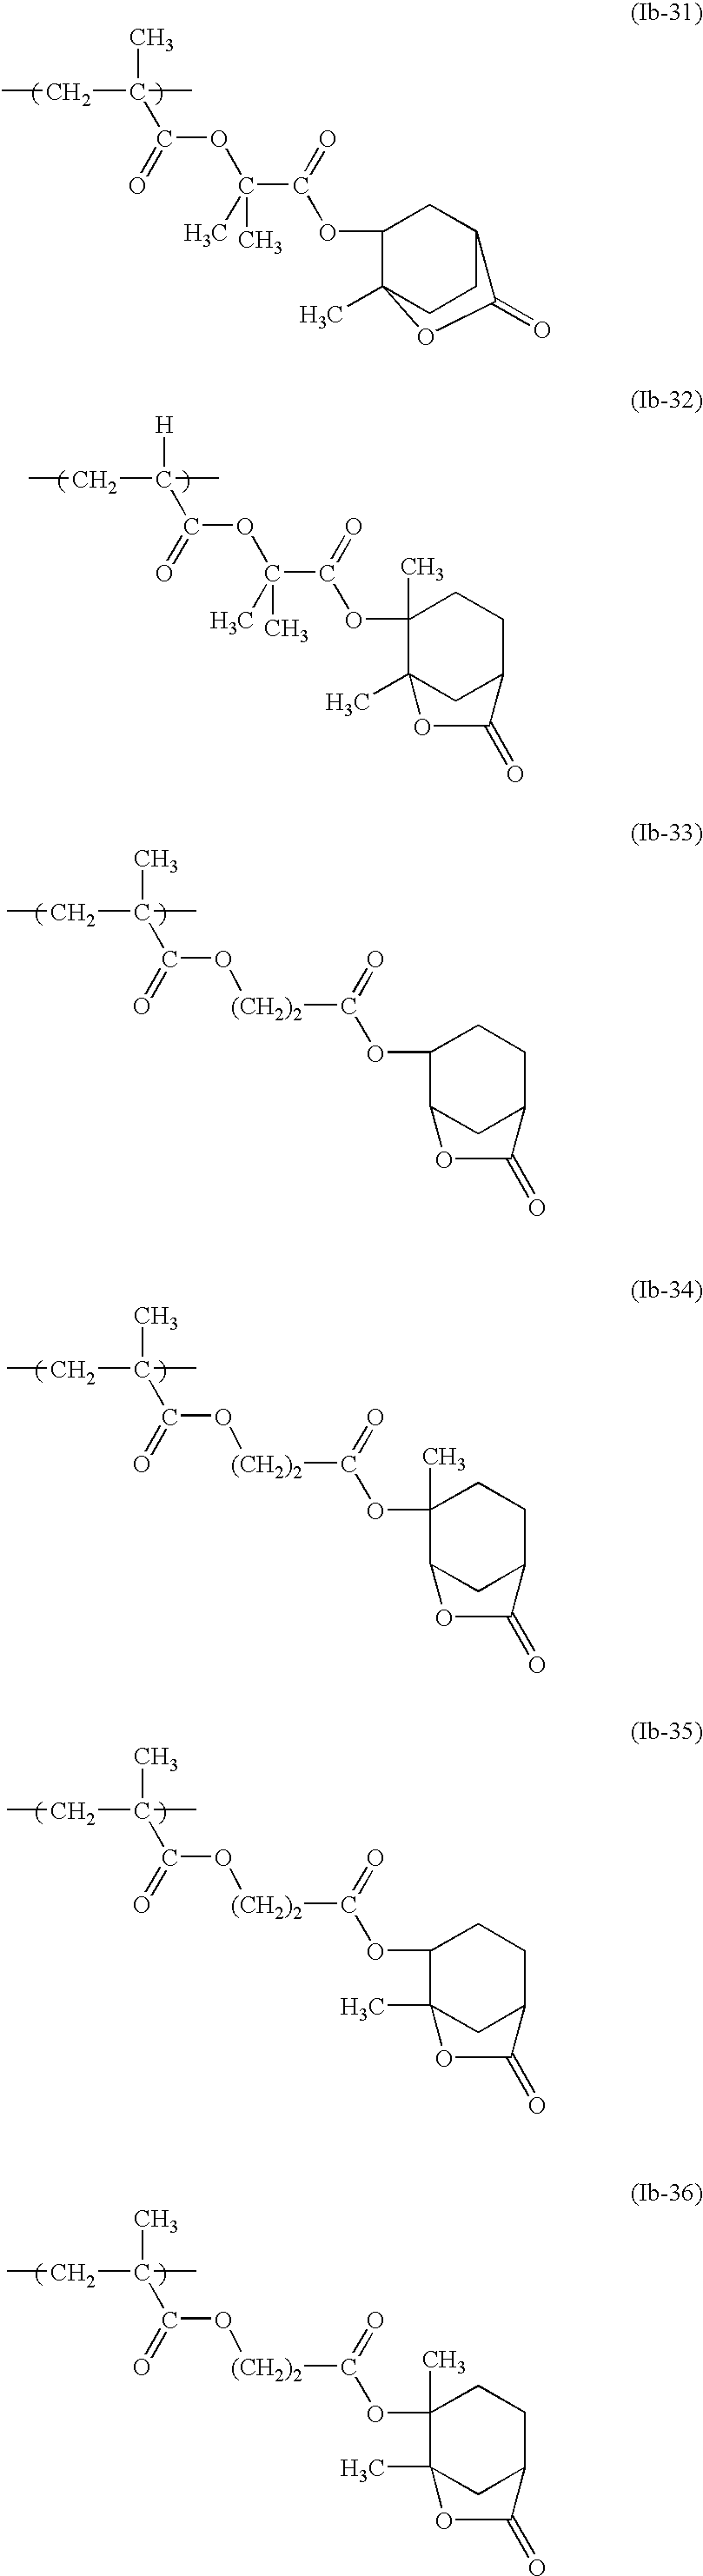 Figure US20030186161A1-20031002-C00105